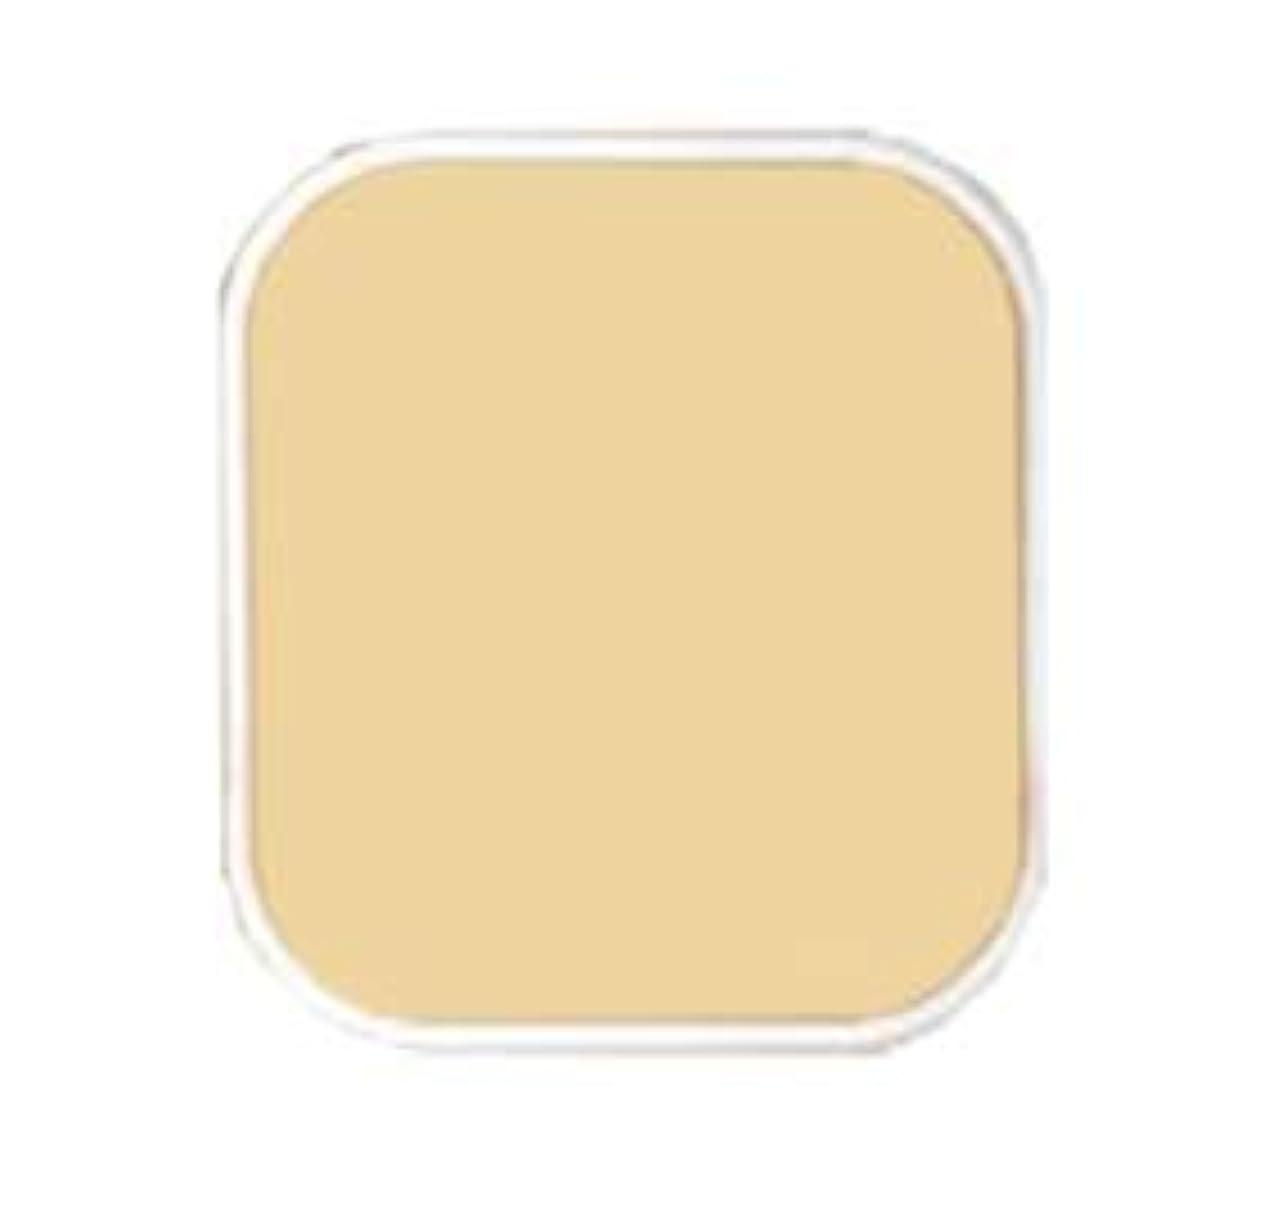 準備した幻想的ラインナップアクセーヌ クリーミィファンデーションPV(リフィル)<O10明るいオークル系>※ケース別売り(11g)